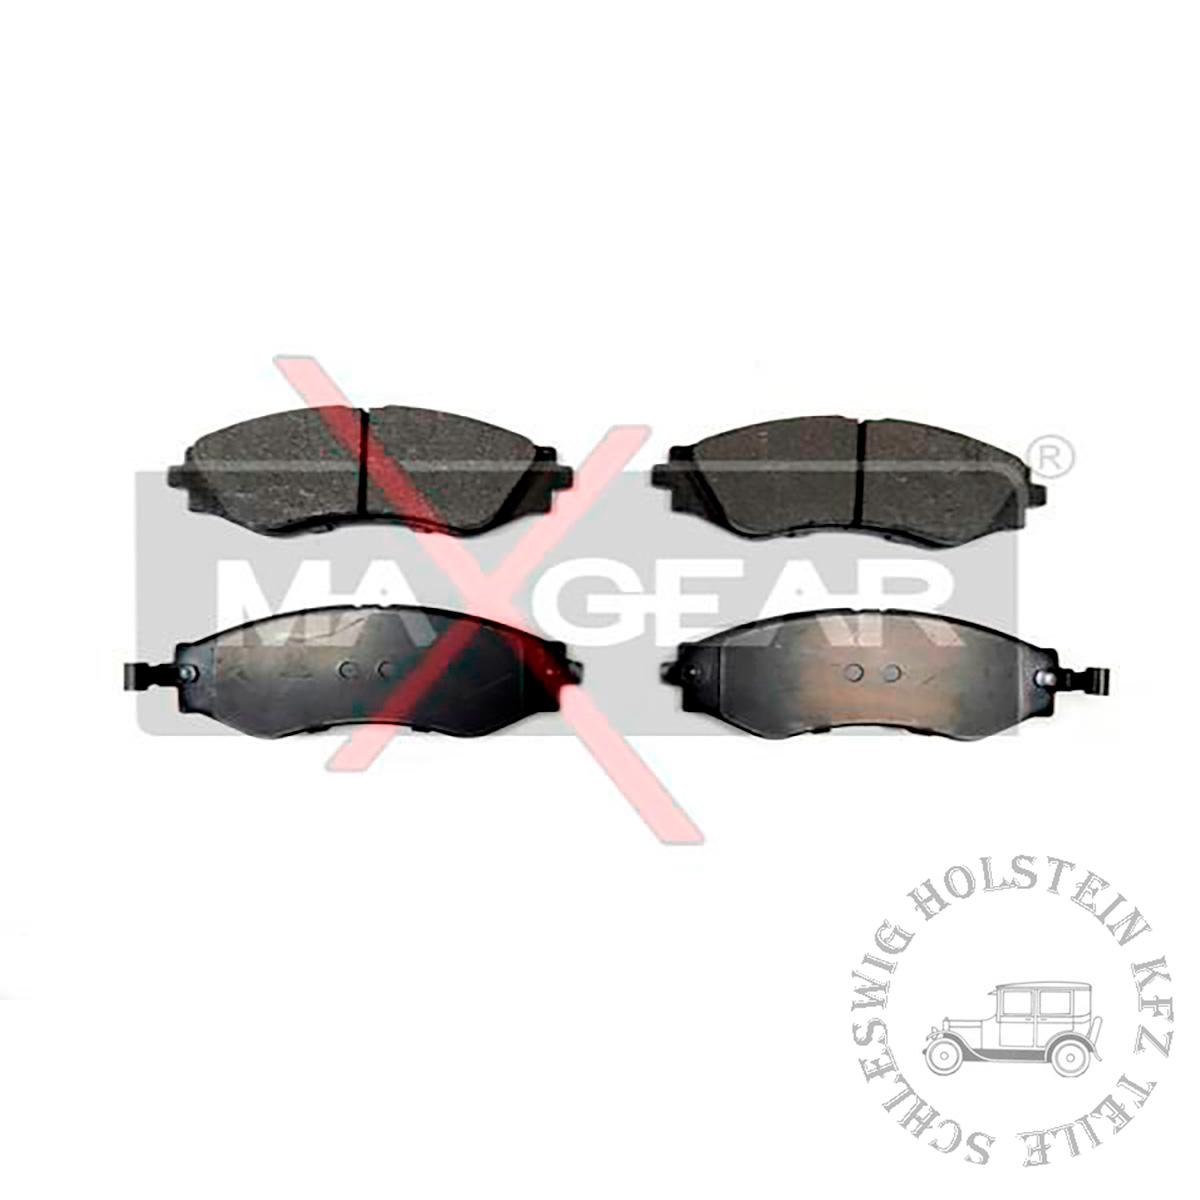 Bremsbelagsatz Vorne für DAEWOO REZZO (U100) 2.0